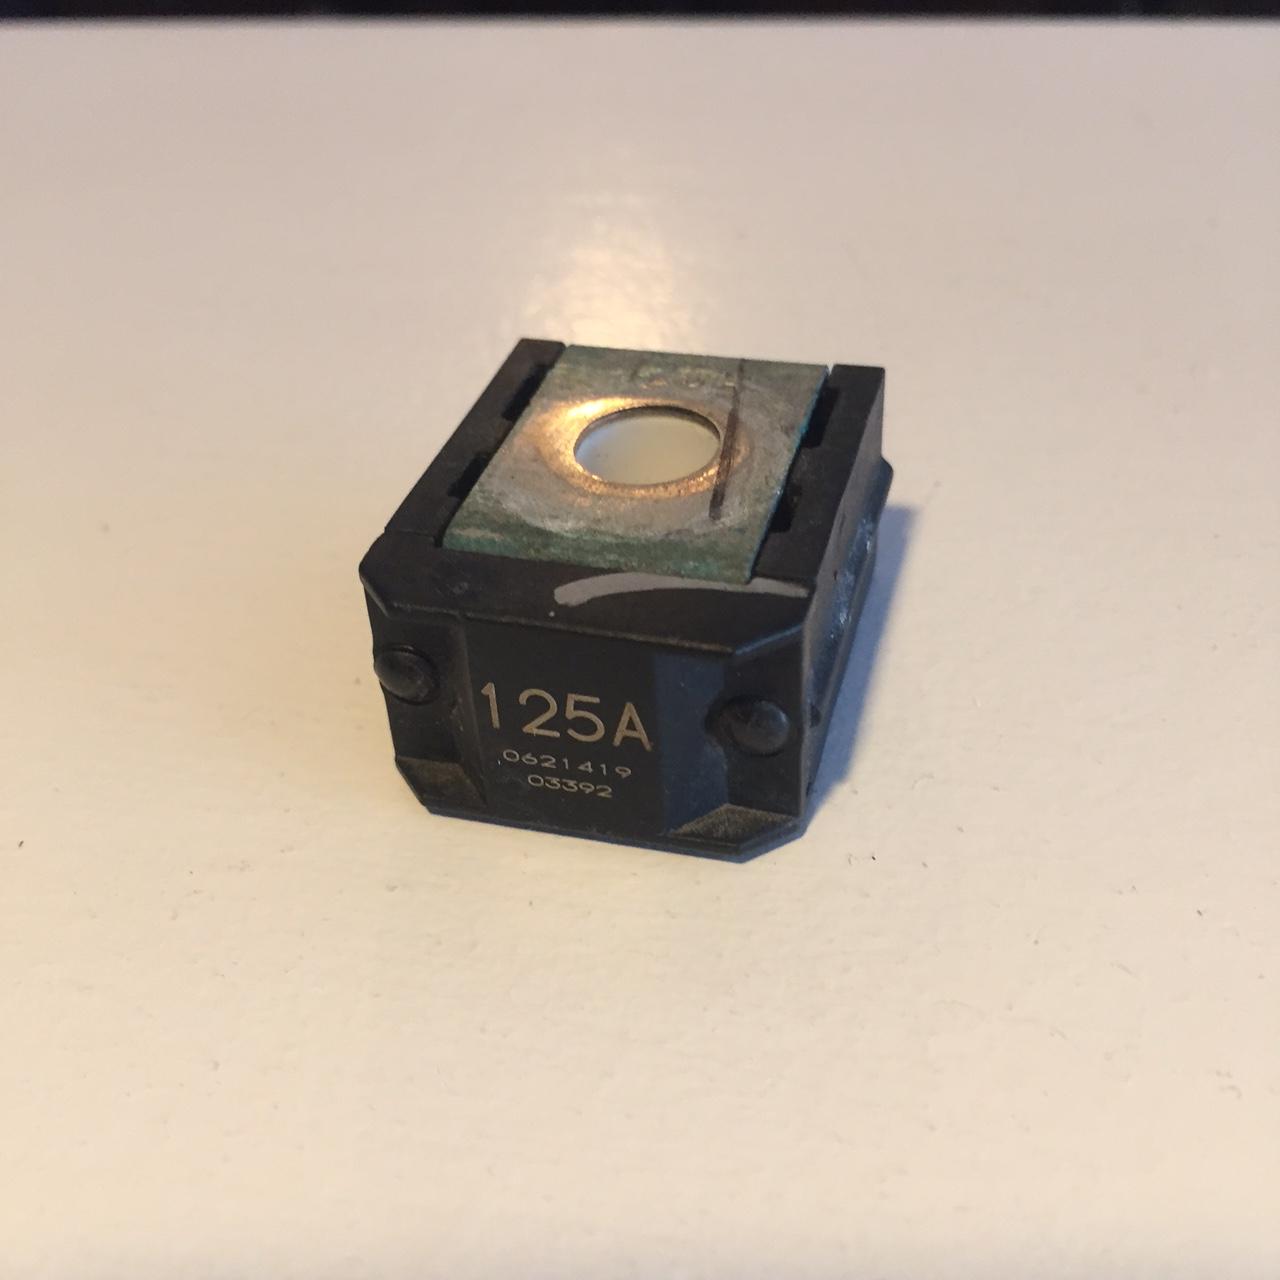 power steering fuse-img_1387.jpg